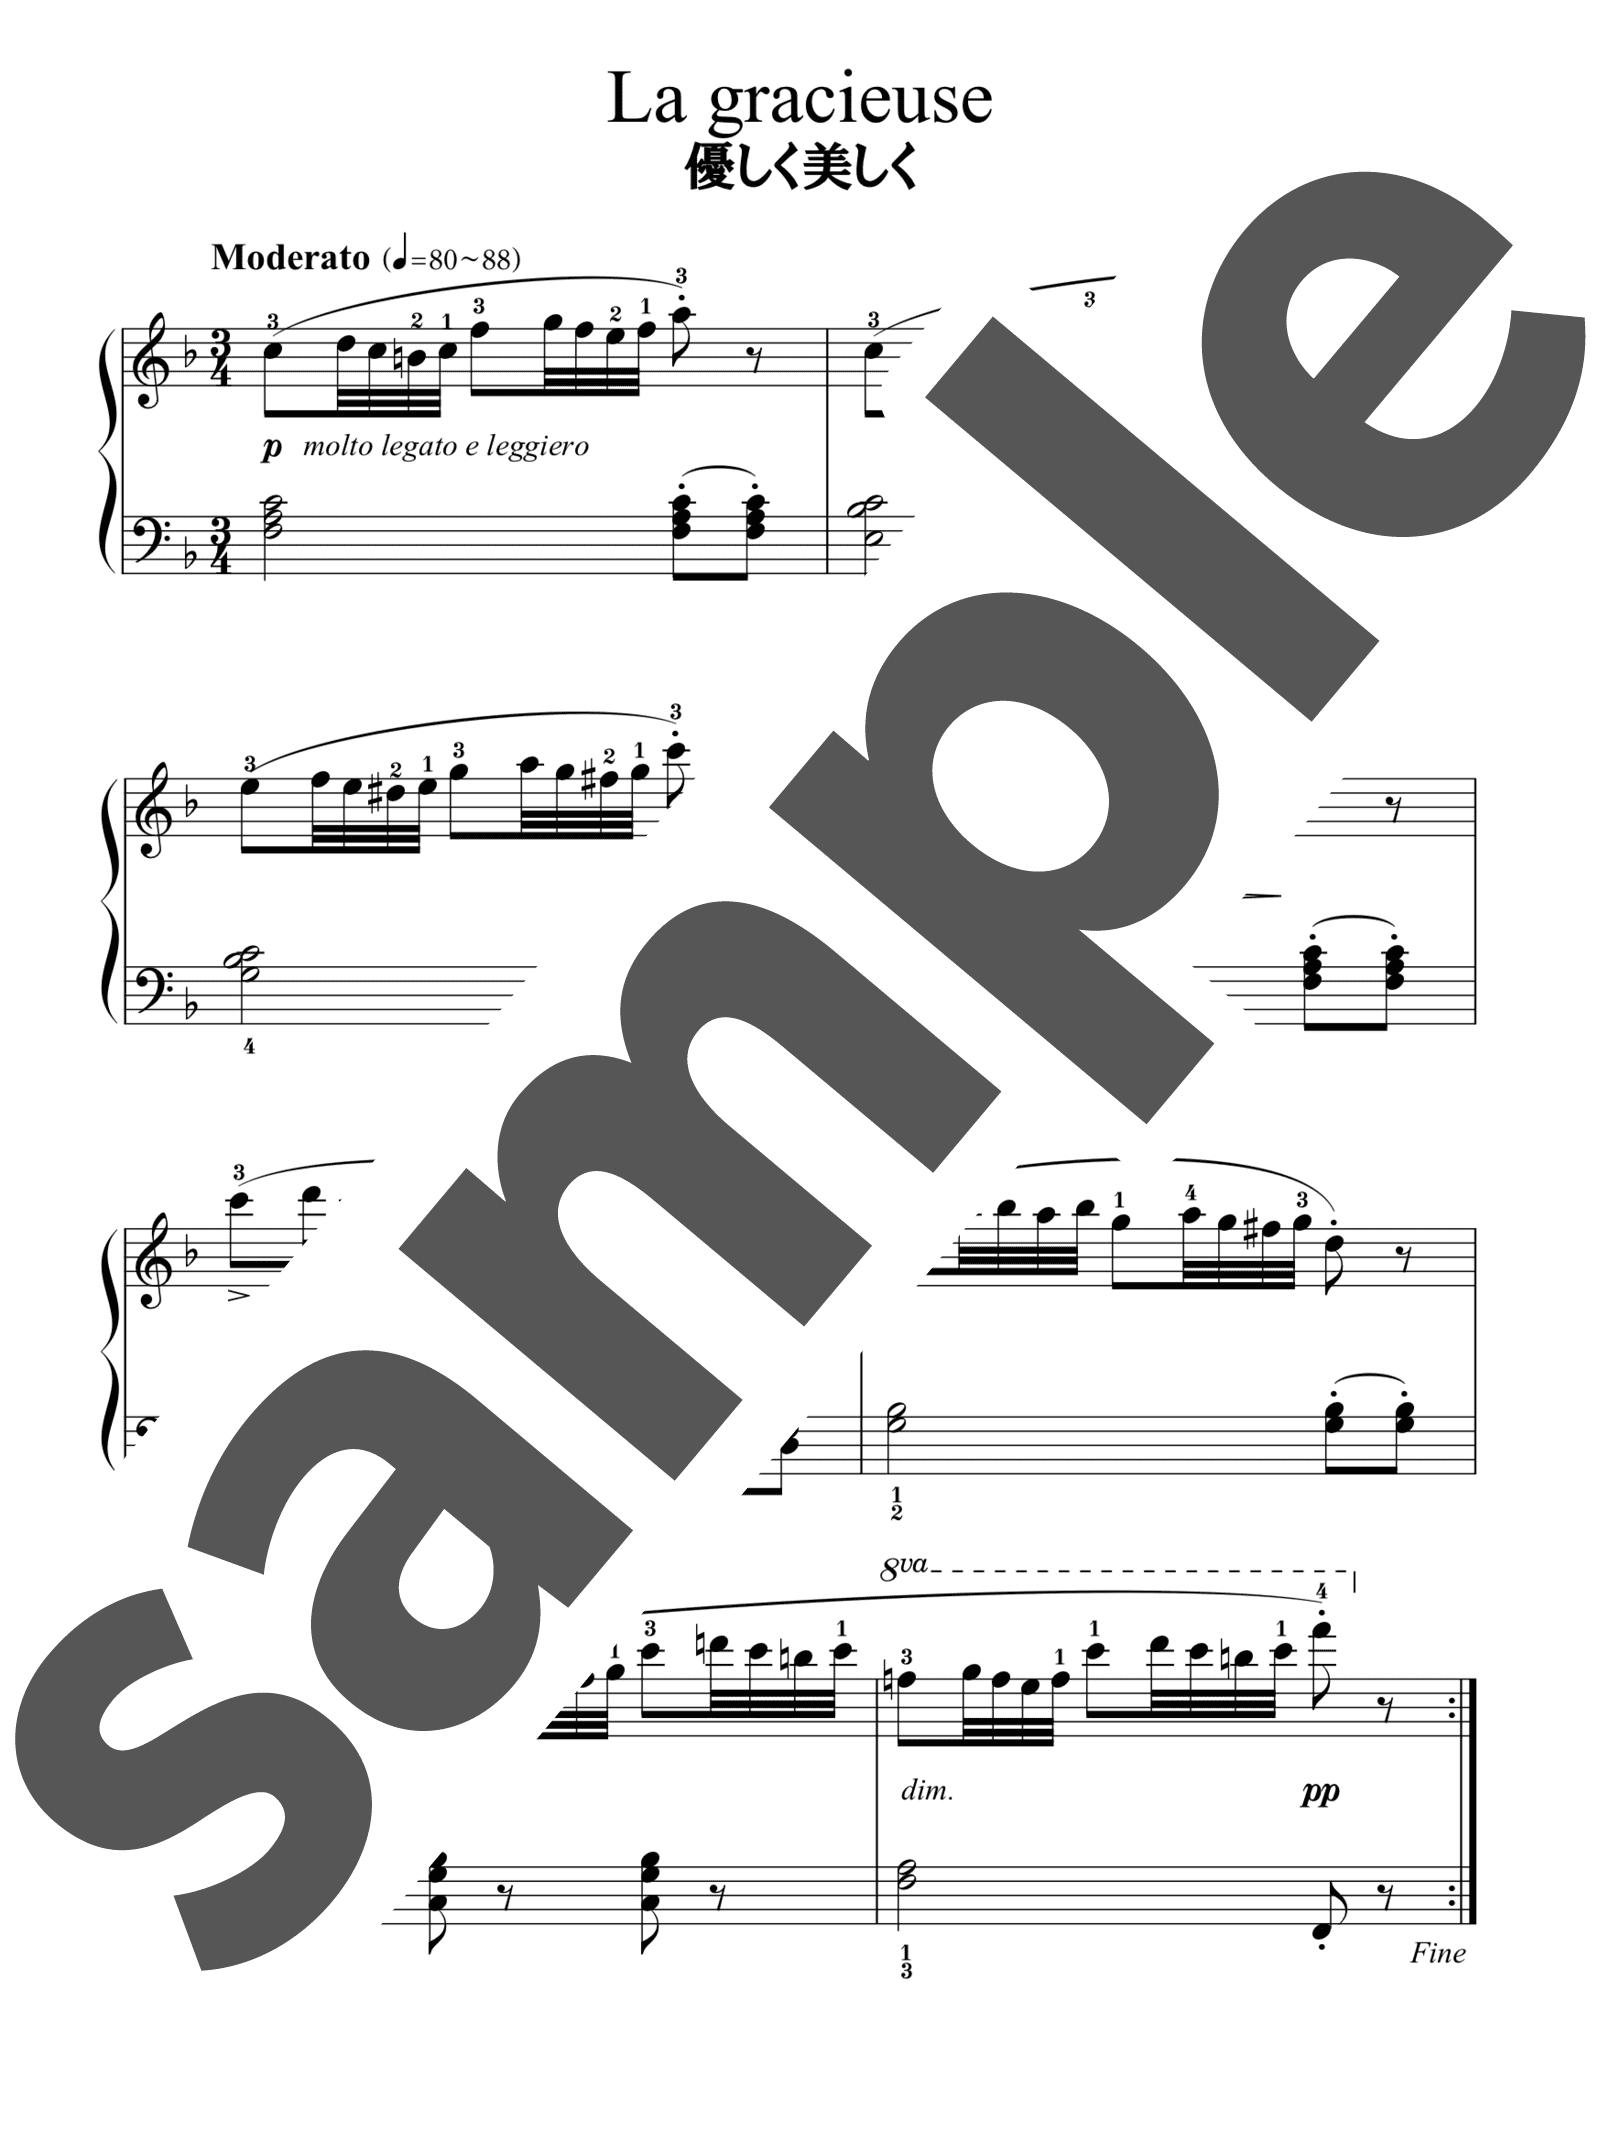 「ブルグミュラー25の練習曲8番 やさしくうつくしく」のサンプル楽譜